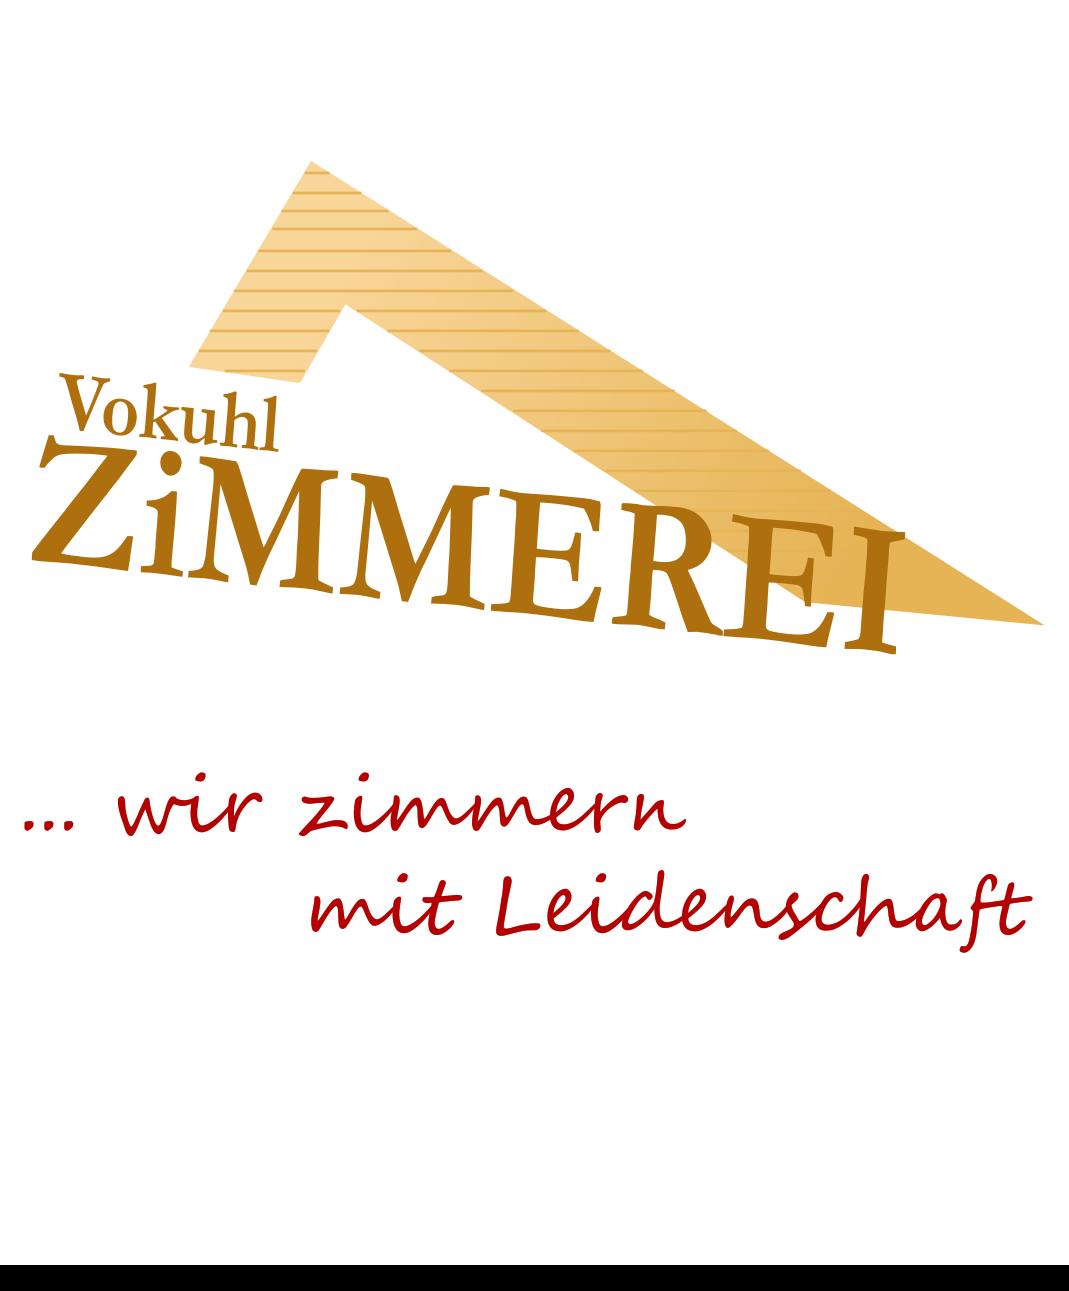 Zimmerei Vokuhl